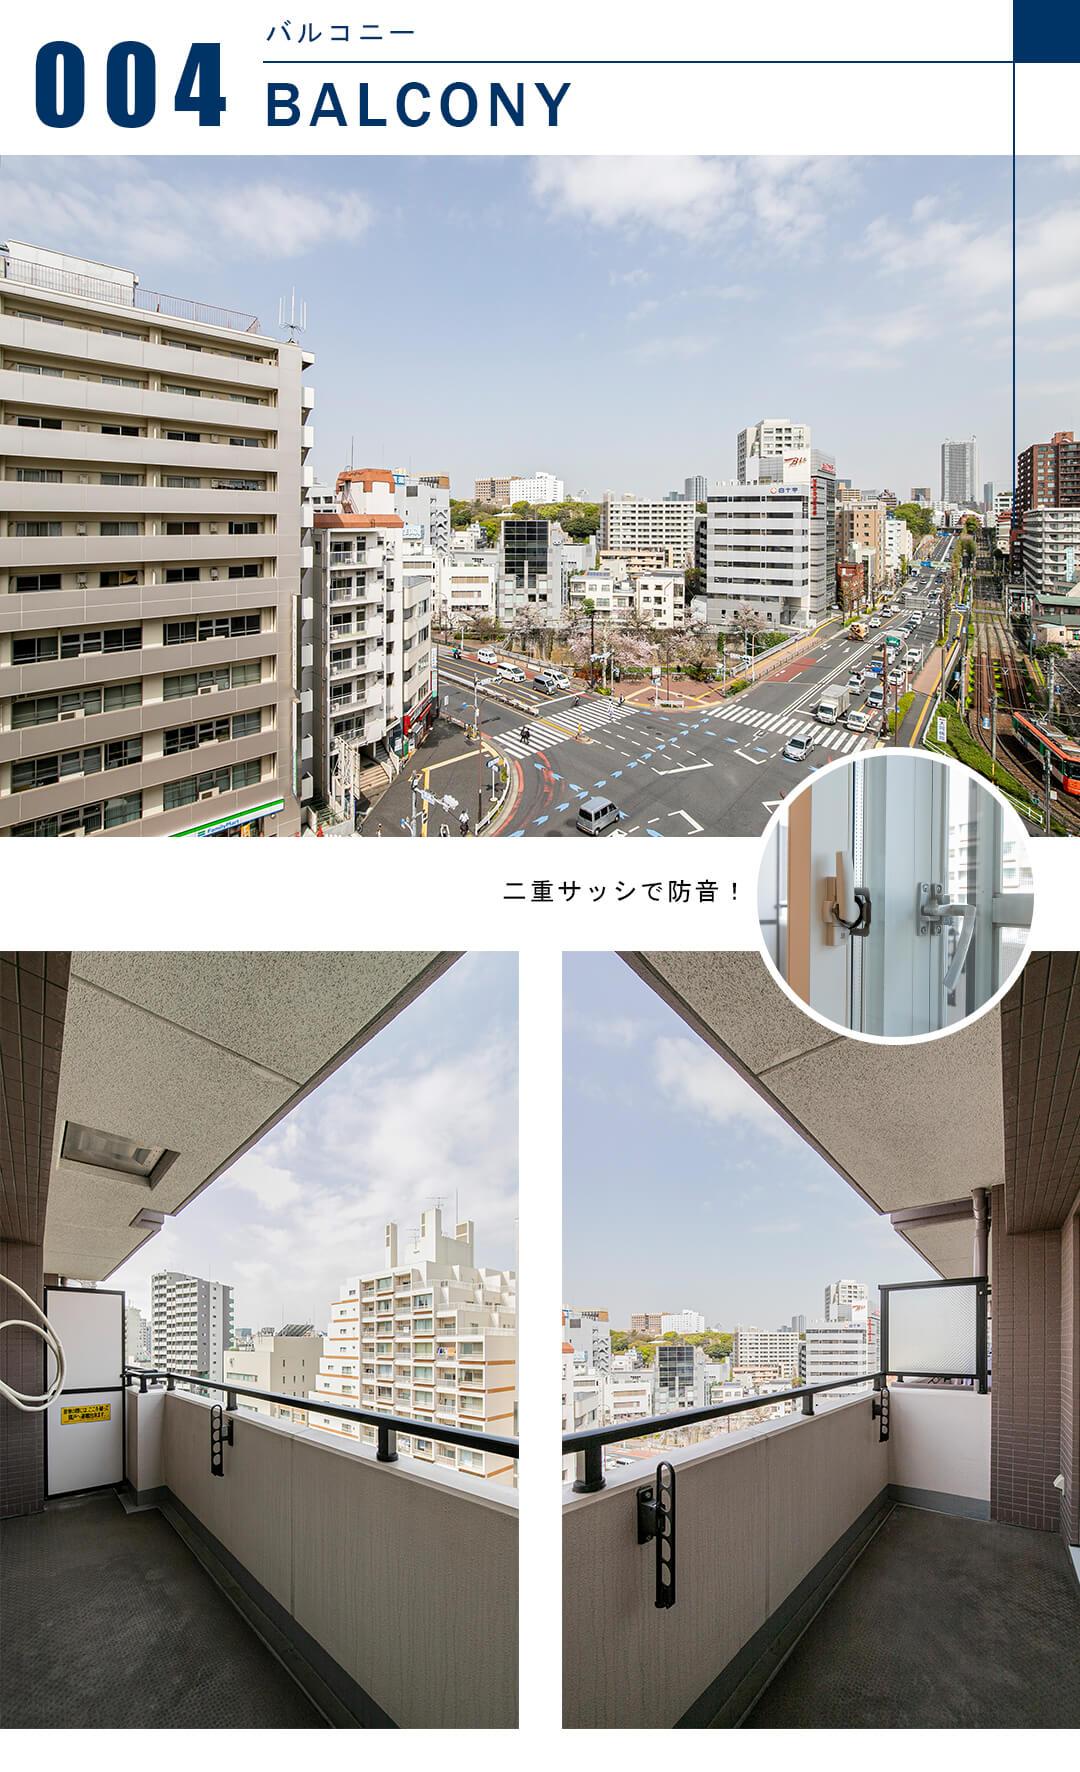 レジェンド西早稲田フォレストタワーのバルコニー